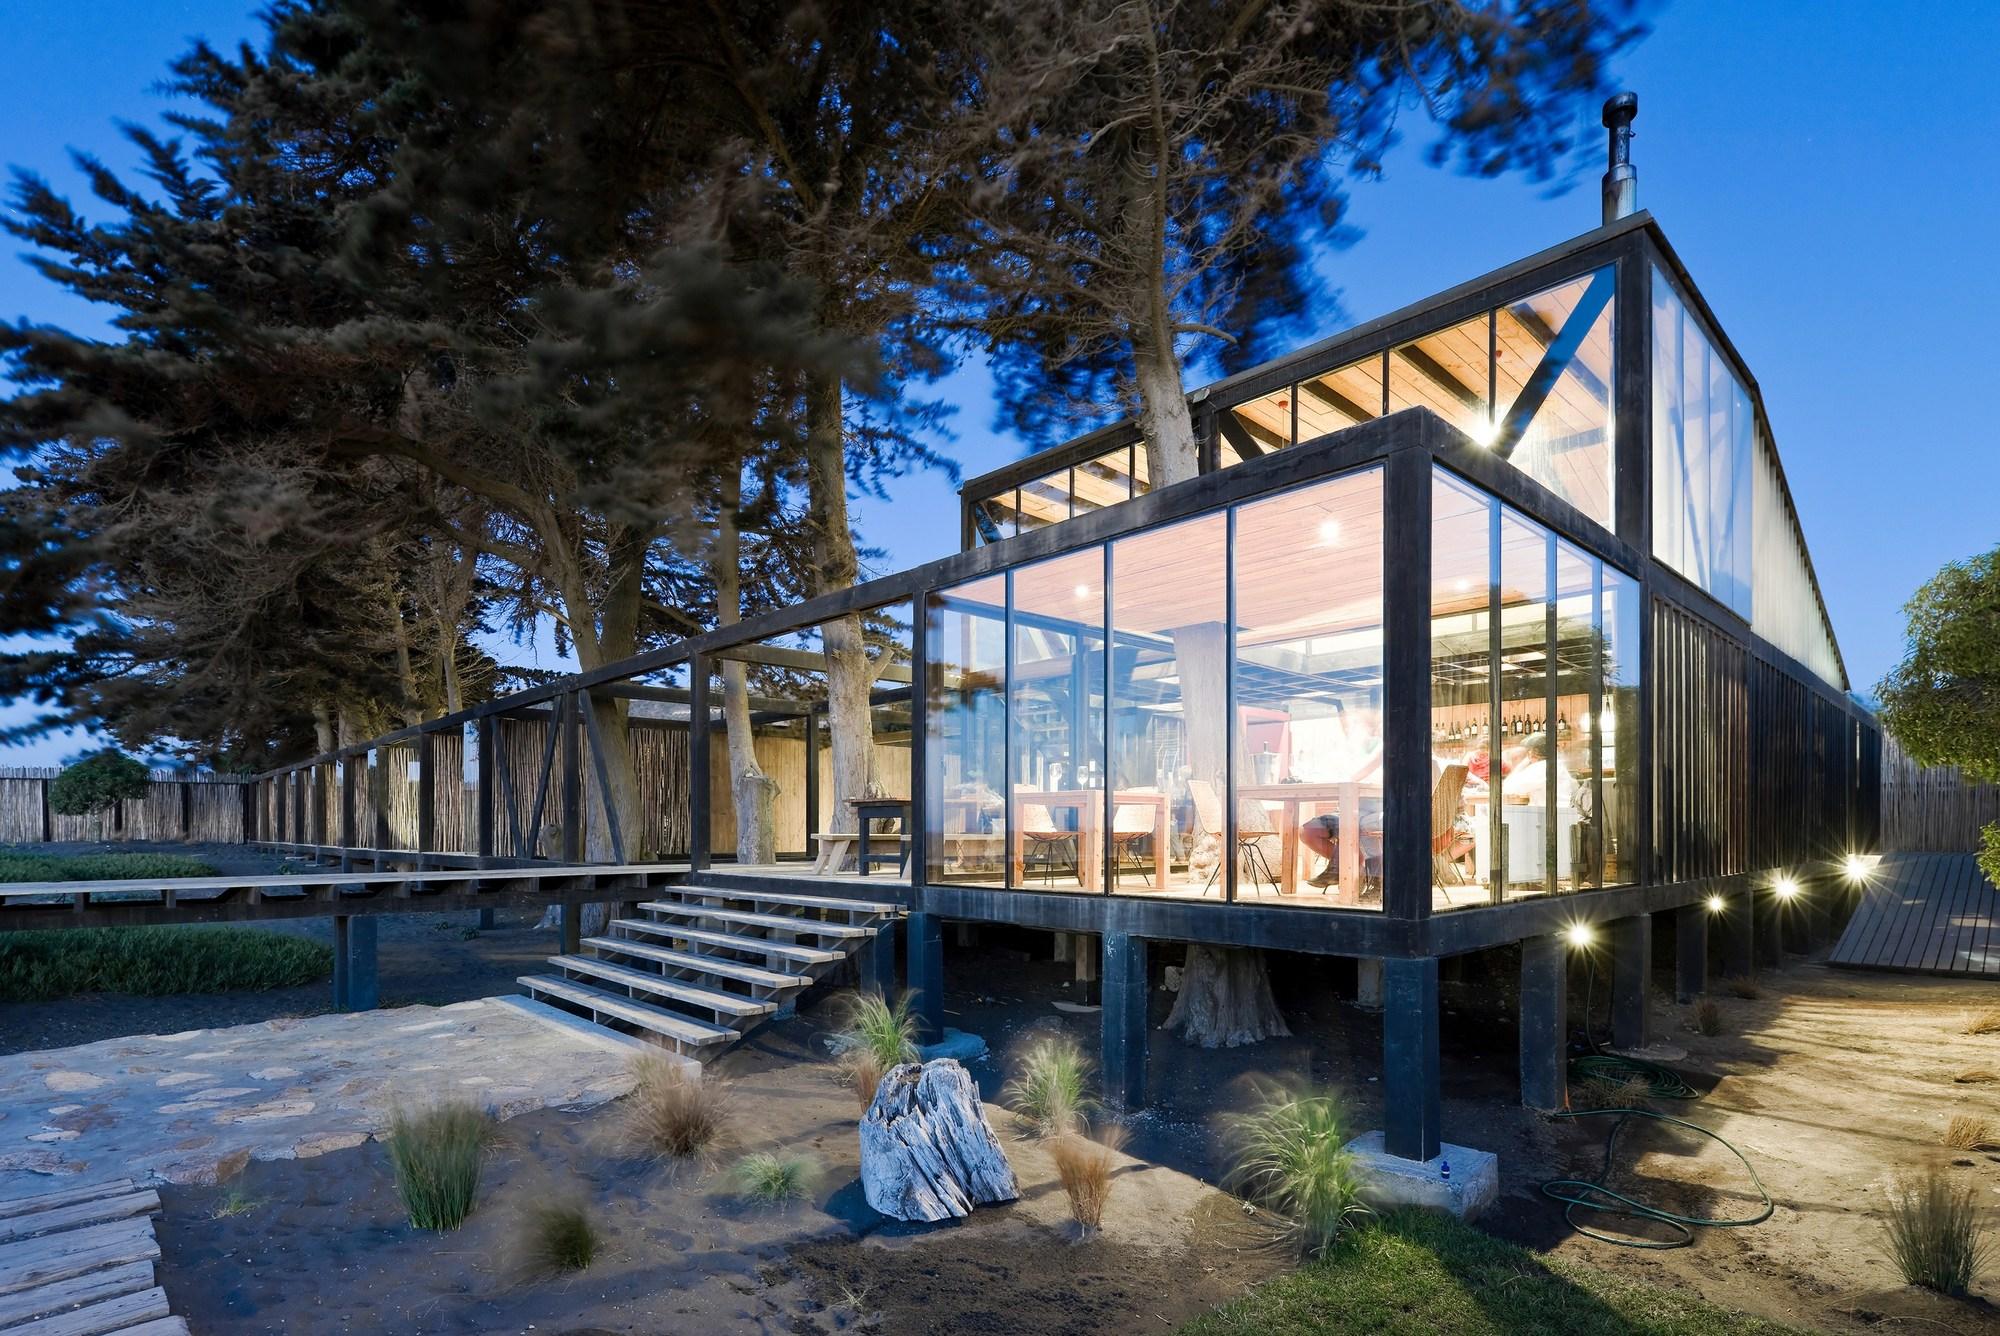 Hotel surazo wmr arquitectos plataforma arquitectura for Arquitectura de hoteles